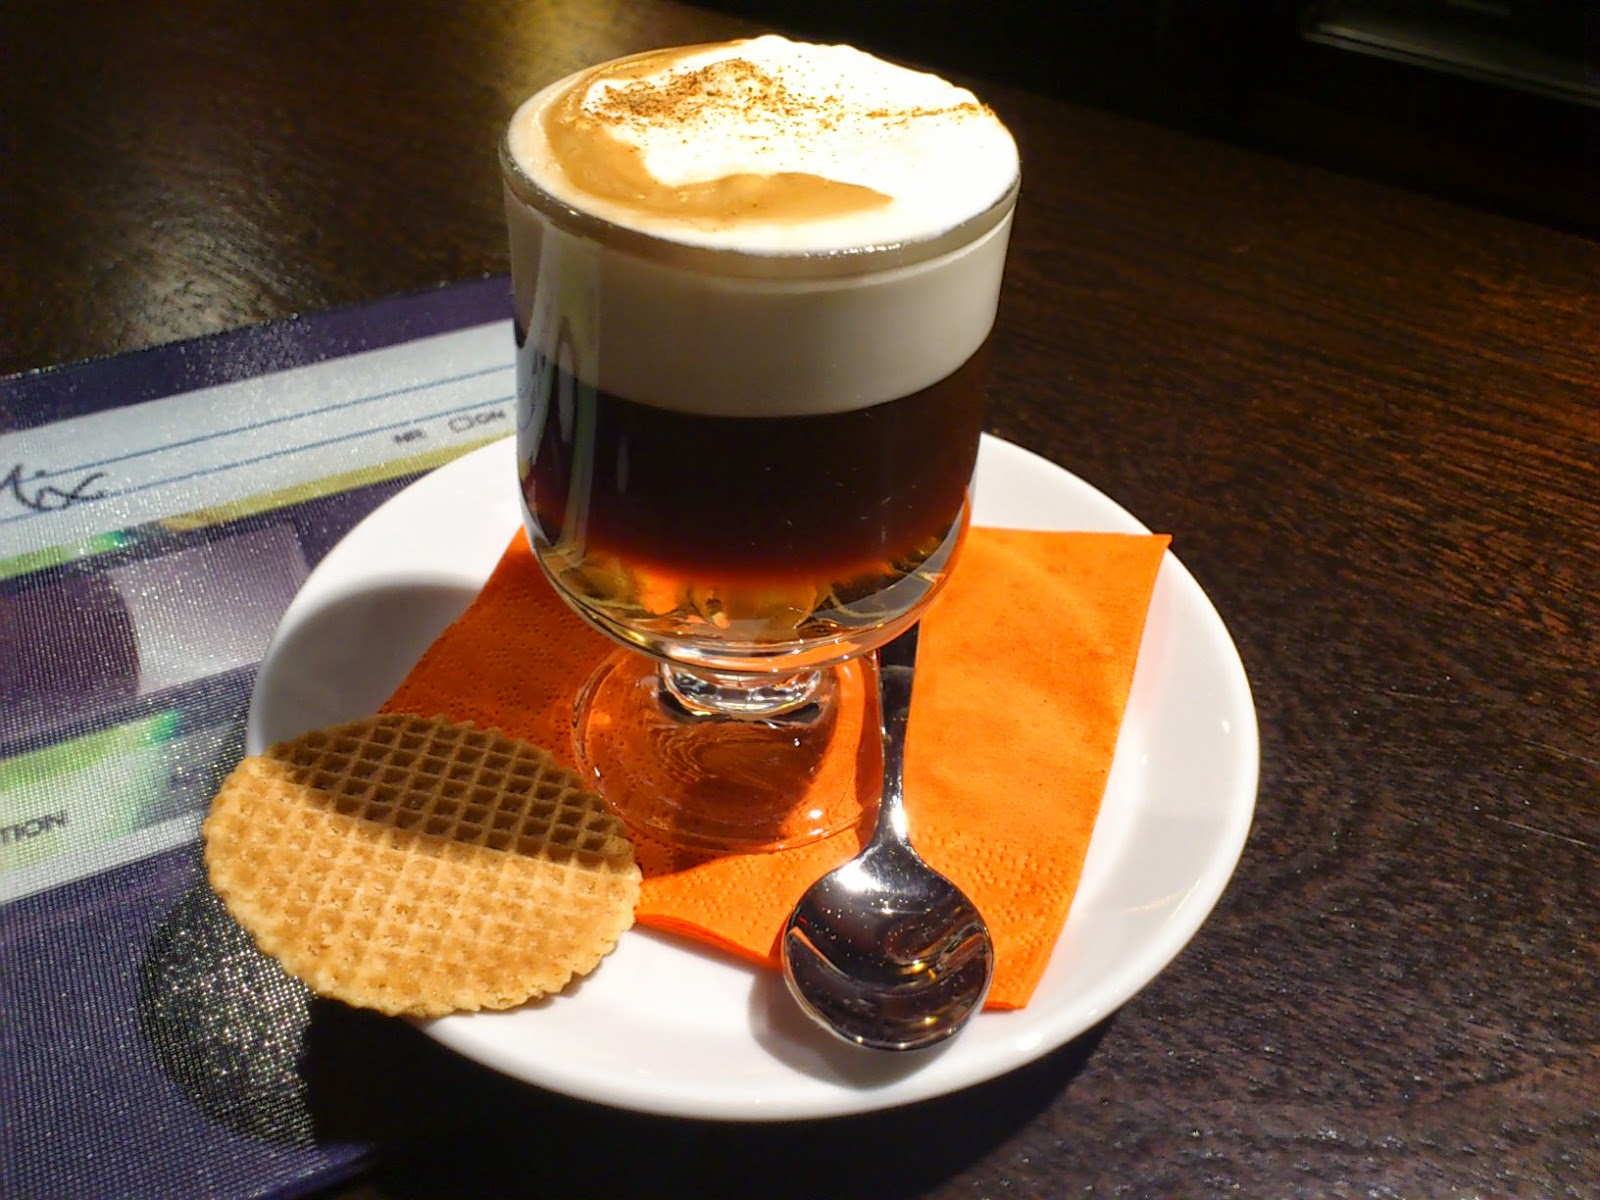 cafeina café bar nespresso ser vitoria madrid carajillo